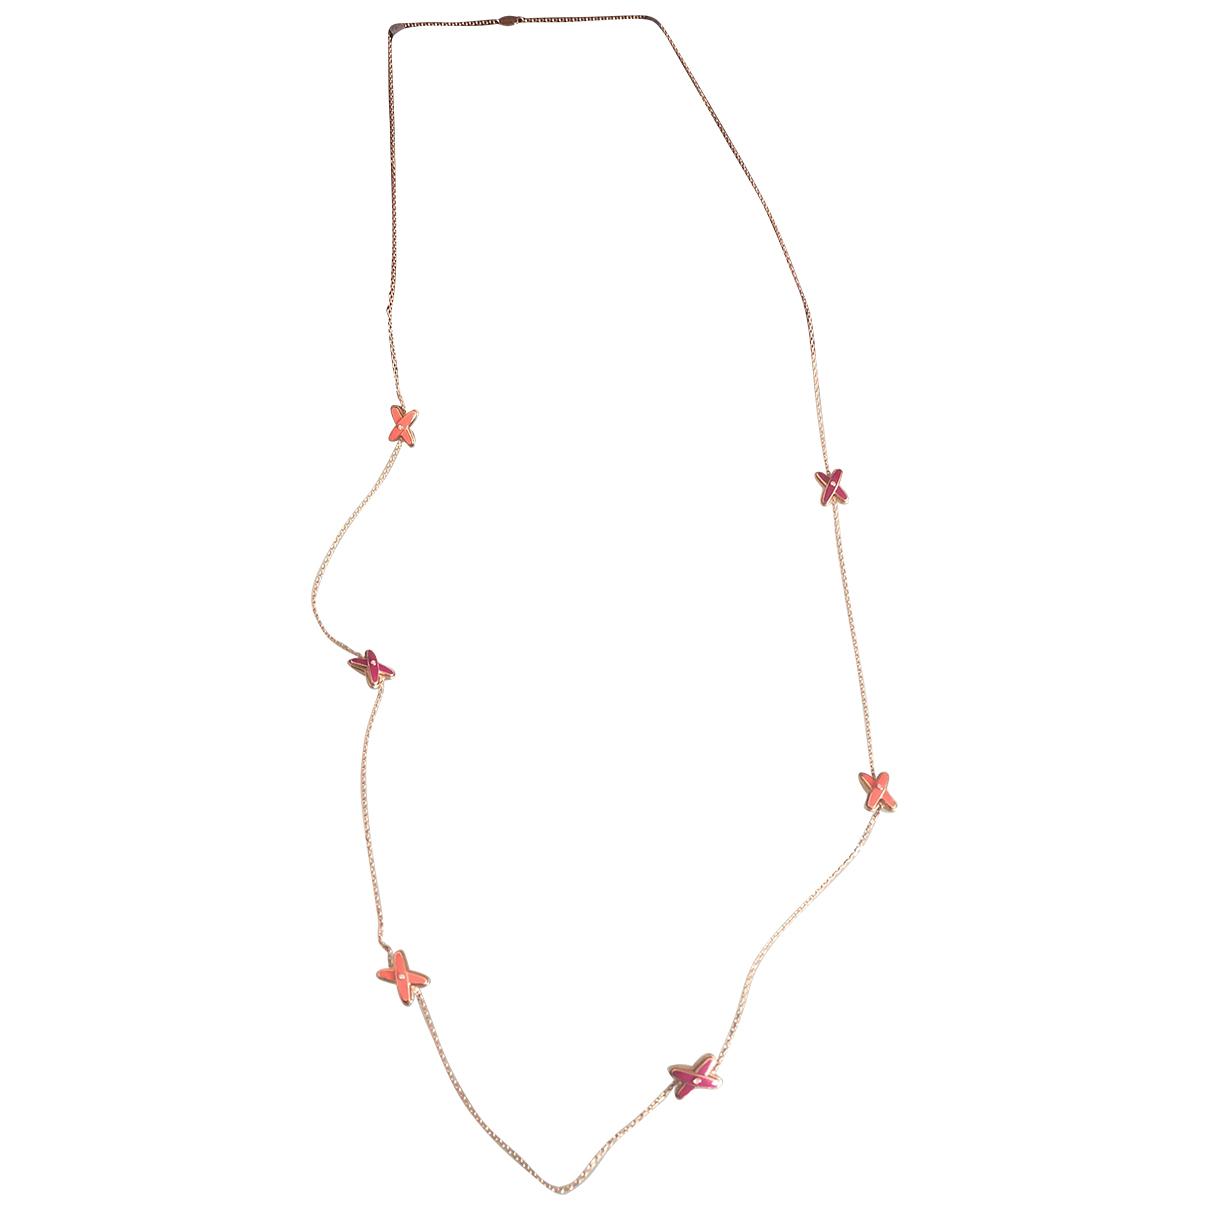 Chaumet - Sautoir Liens pour femme en or rose - rouge